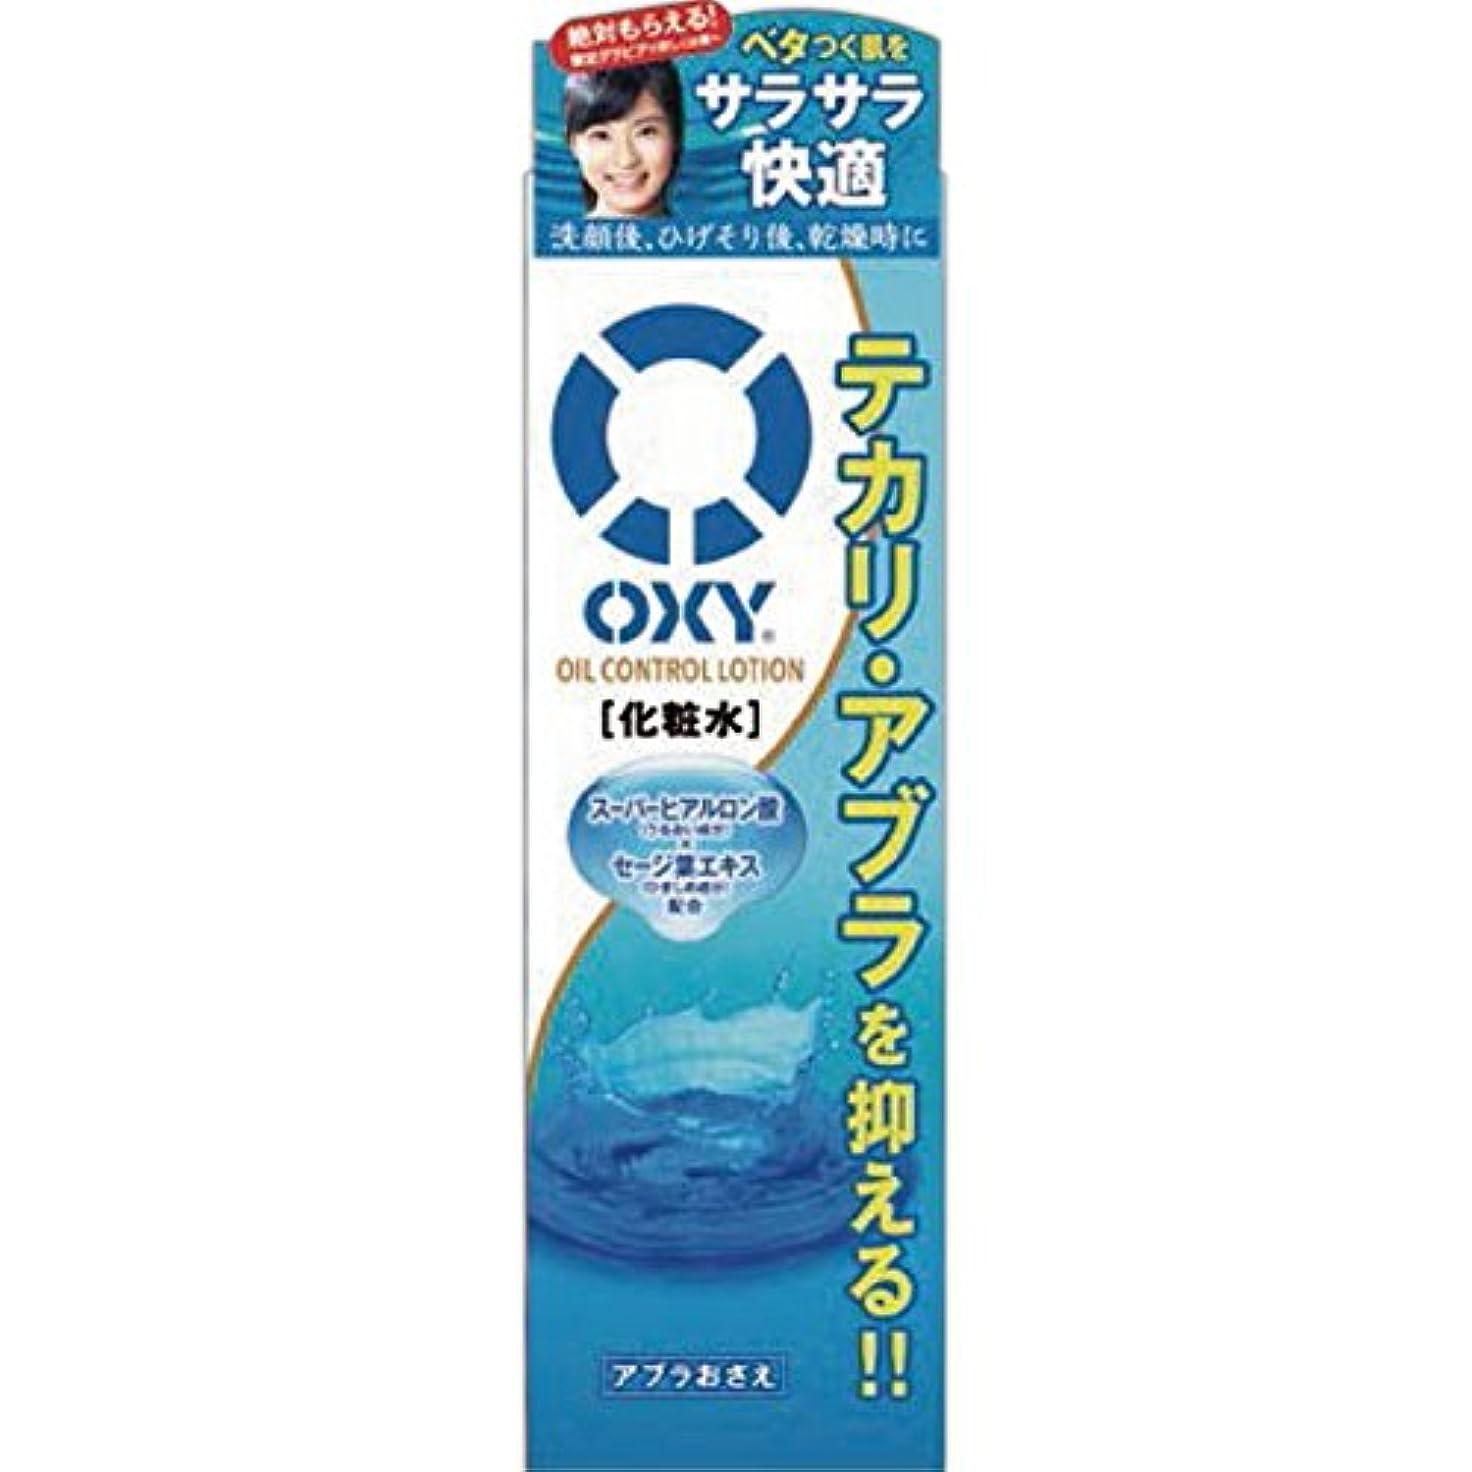 器具基本的な同意オキシー (Oxy) オイルコントロールローション スーパーヒアルロン酸×セージ葉エキス配合 ゼラニウムの香 170mL